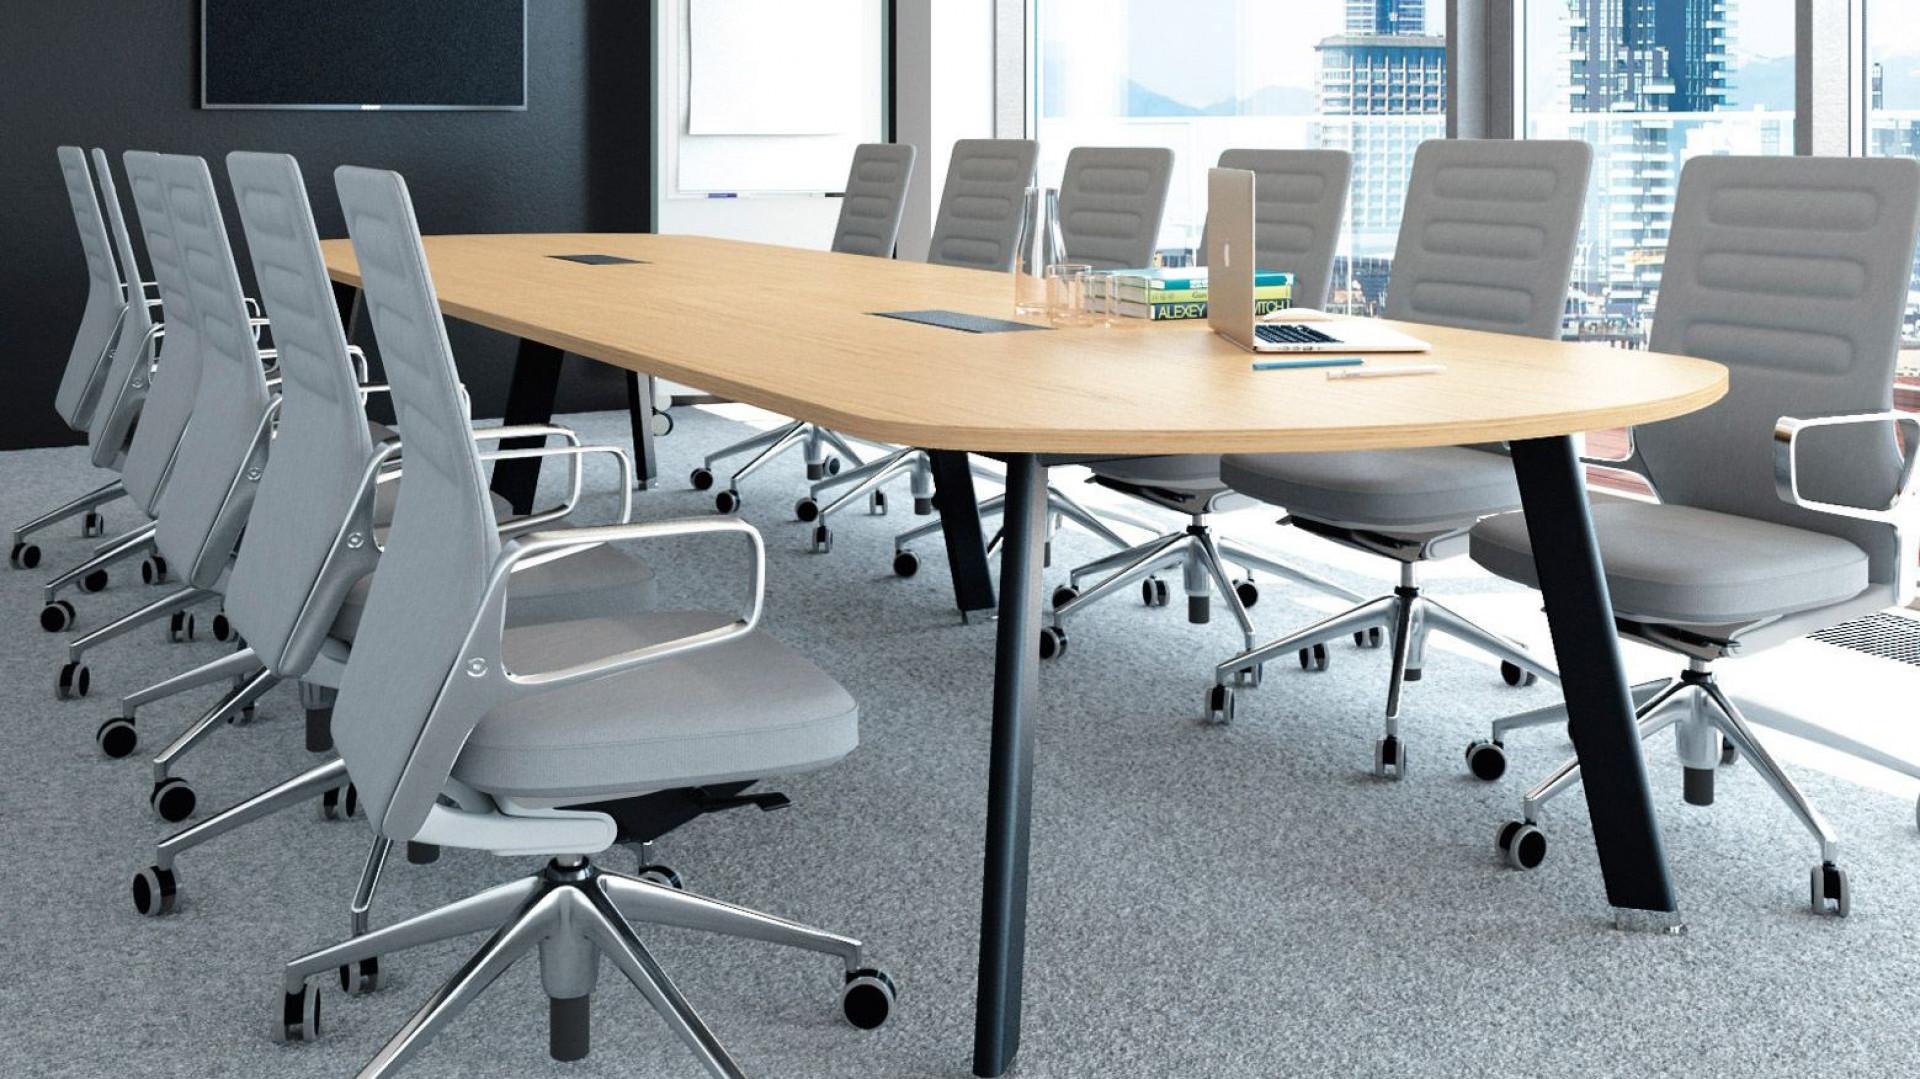 Meble do sal konferencyjnych - komfort i funkcjonalność